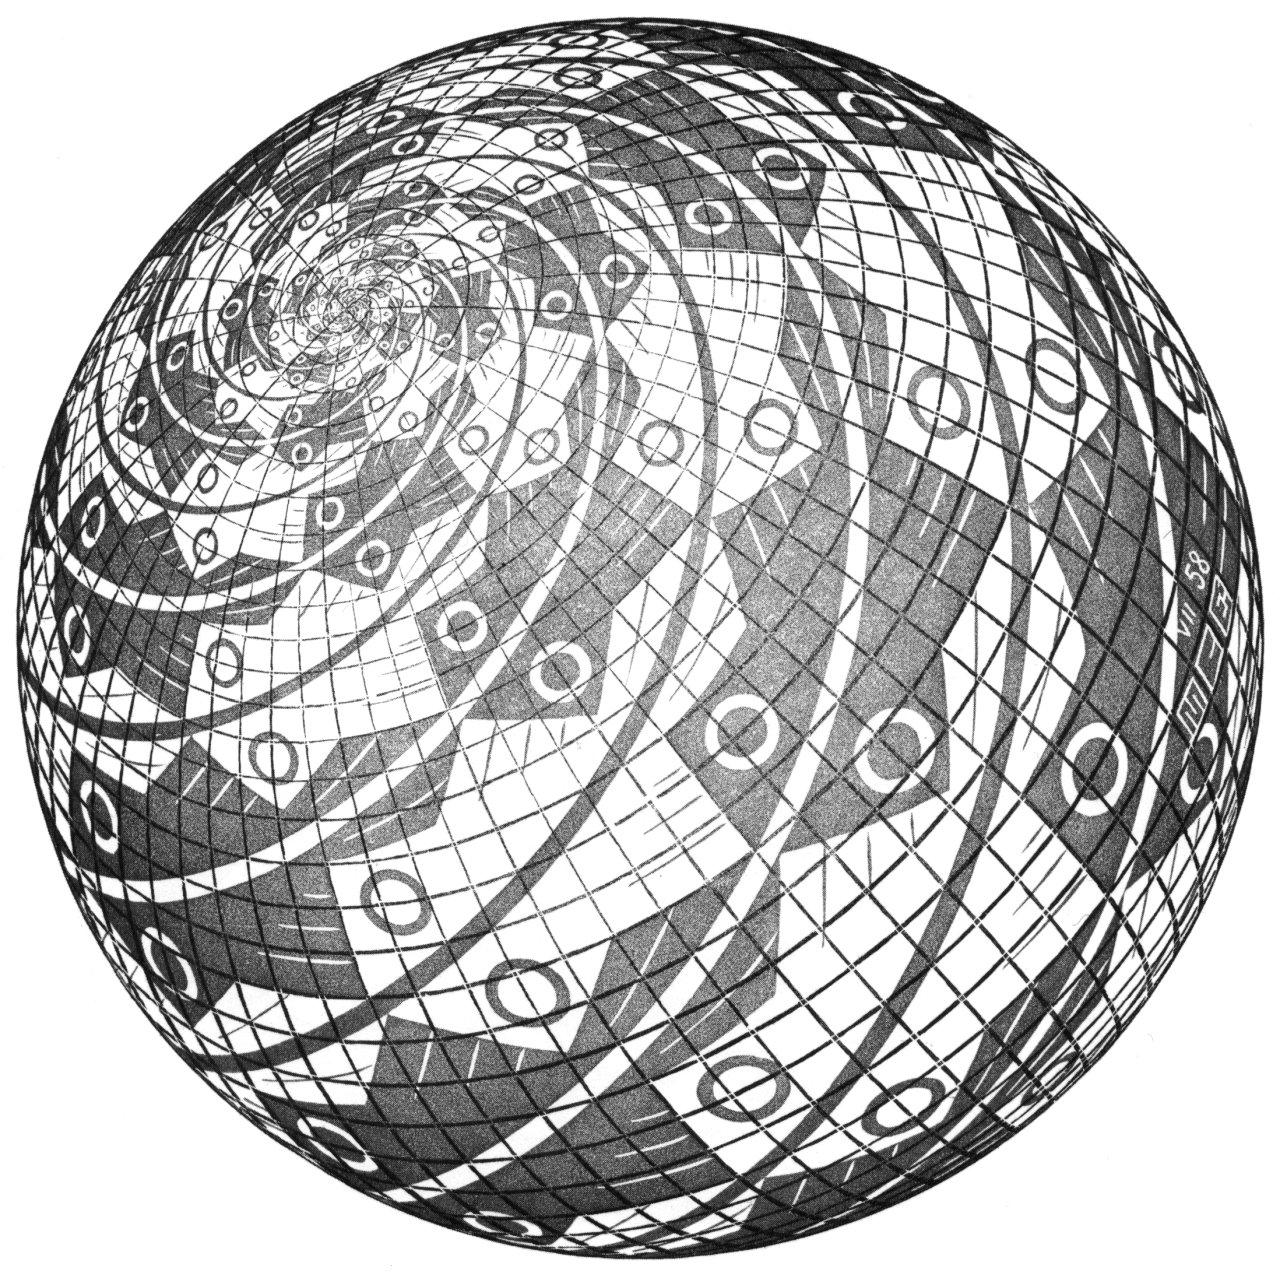 1280x1278 Escher Illusions Done By Escher Mc Escher, Escher